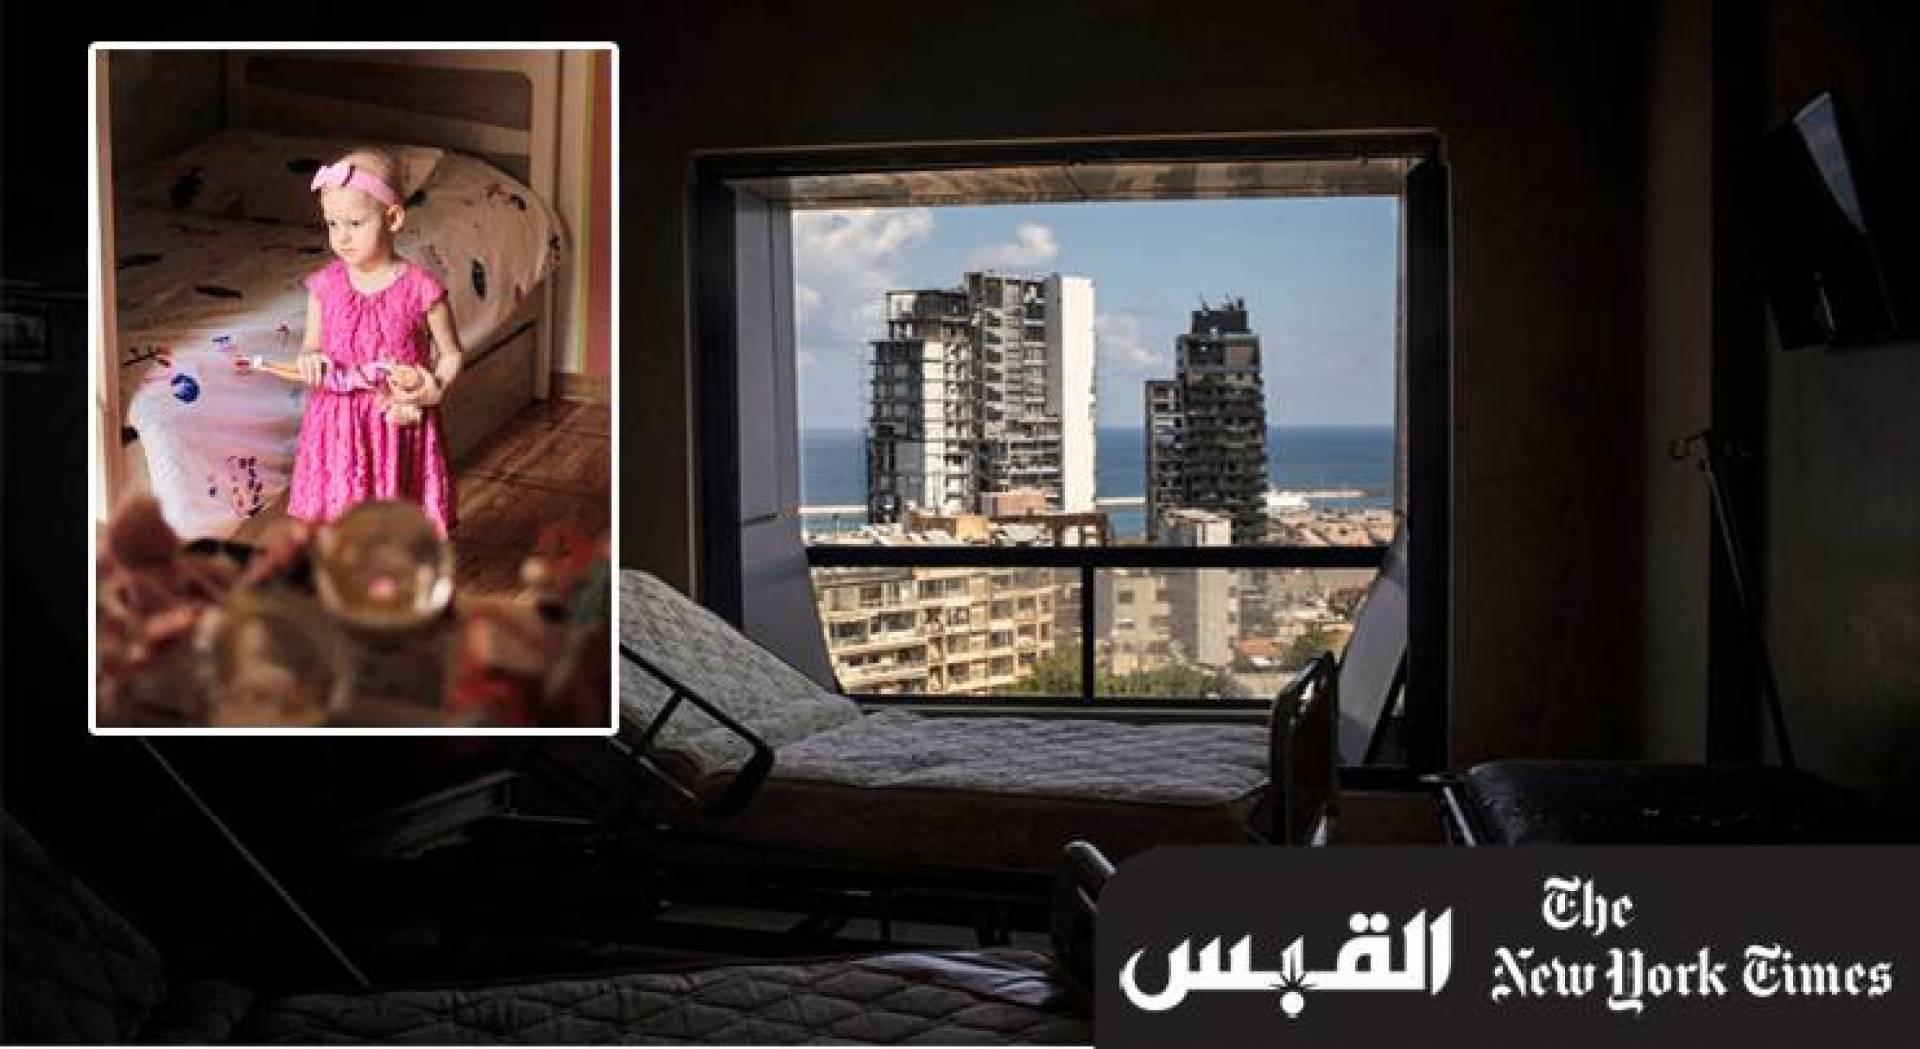 غرفة لأحد مرضى السرطان خالية بعد الدمار في مستشفى سان جورج.. وفي الإطار الطفلة أماندا طوق في غرفتها حزينة بعد تهدم «بيتها الثاني» (نيويورك تايمز)